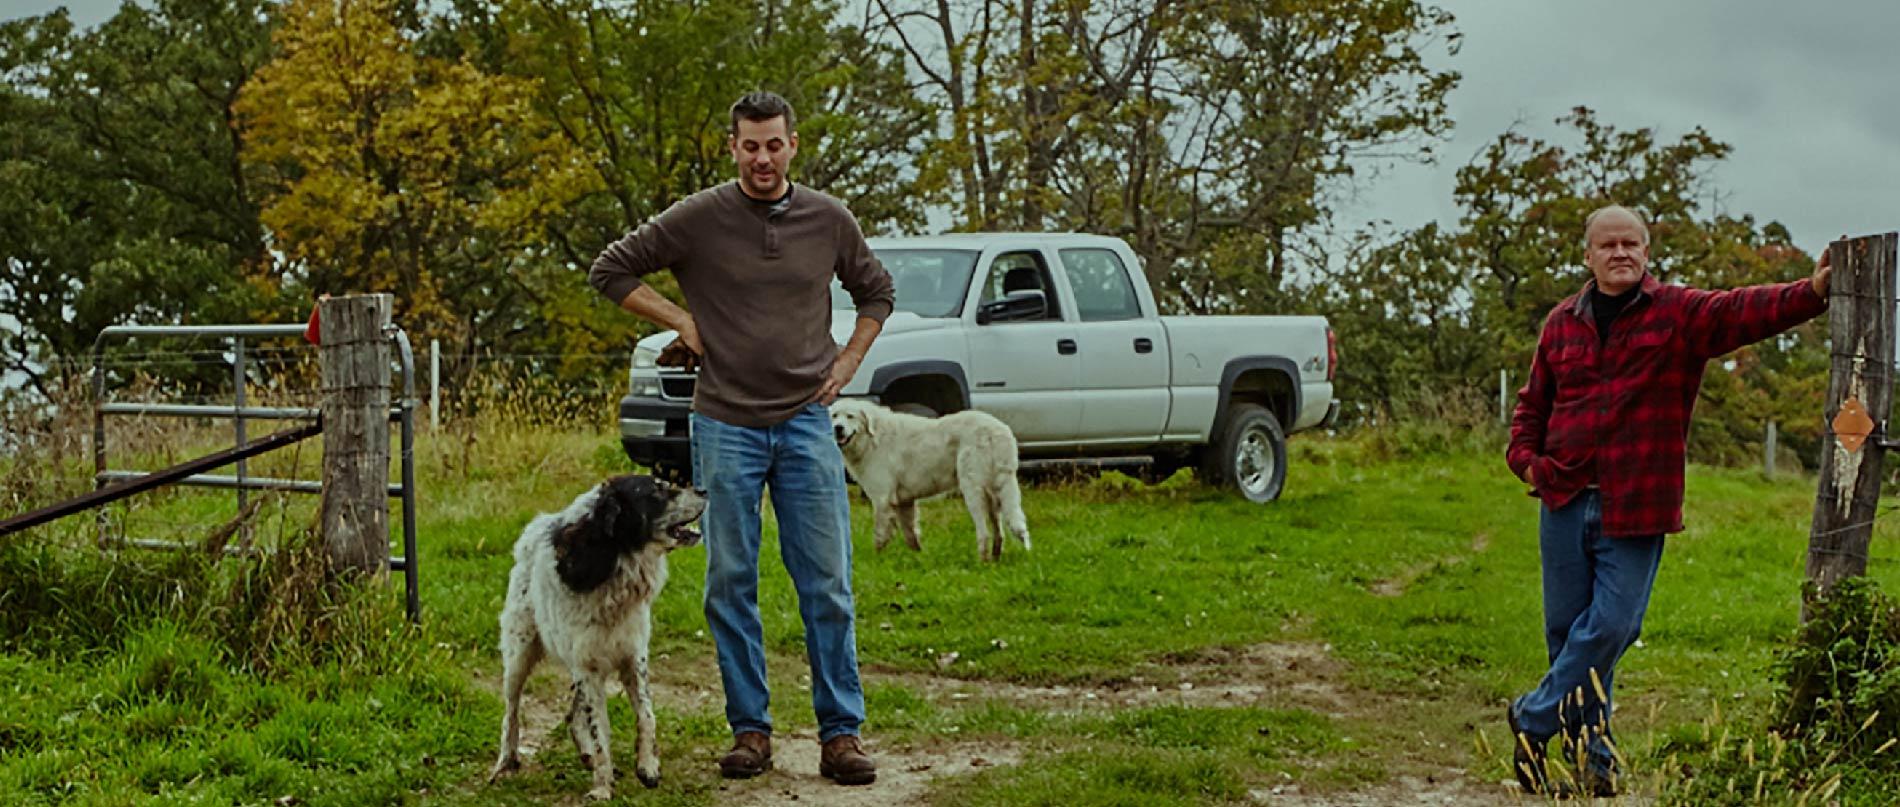 Christian Myrah and Tim Blanski, RockFilter Distillery.